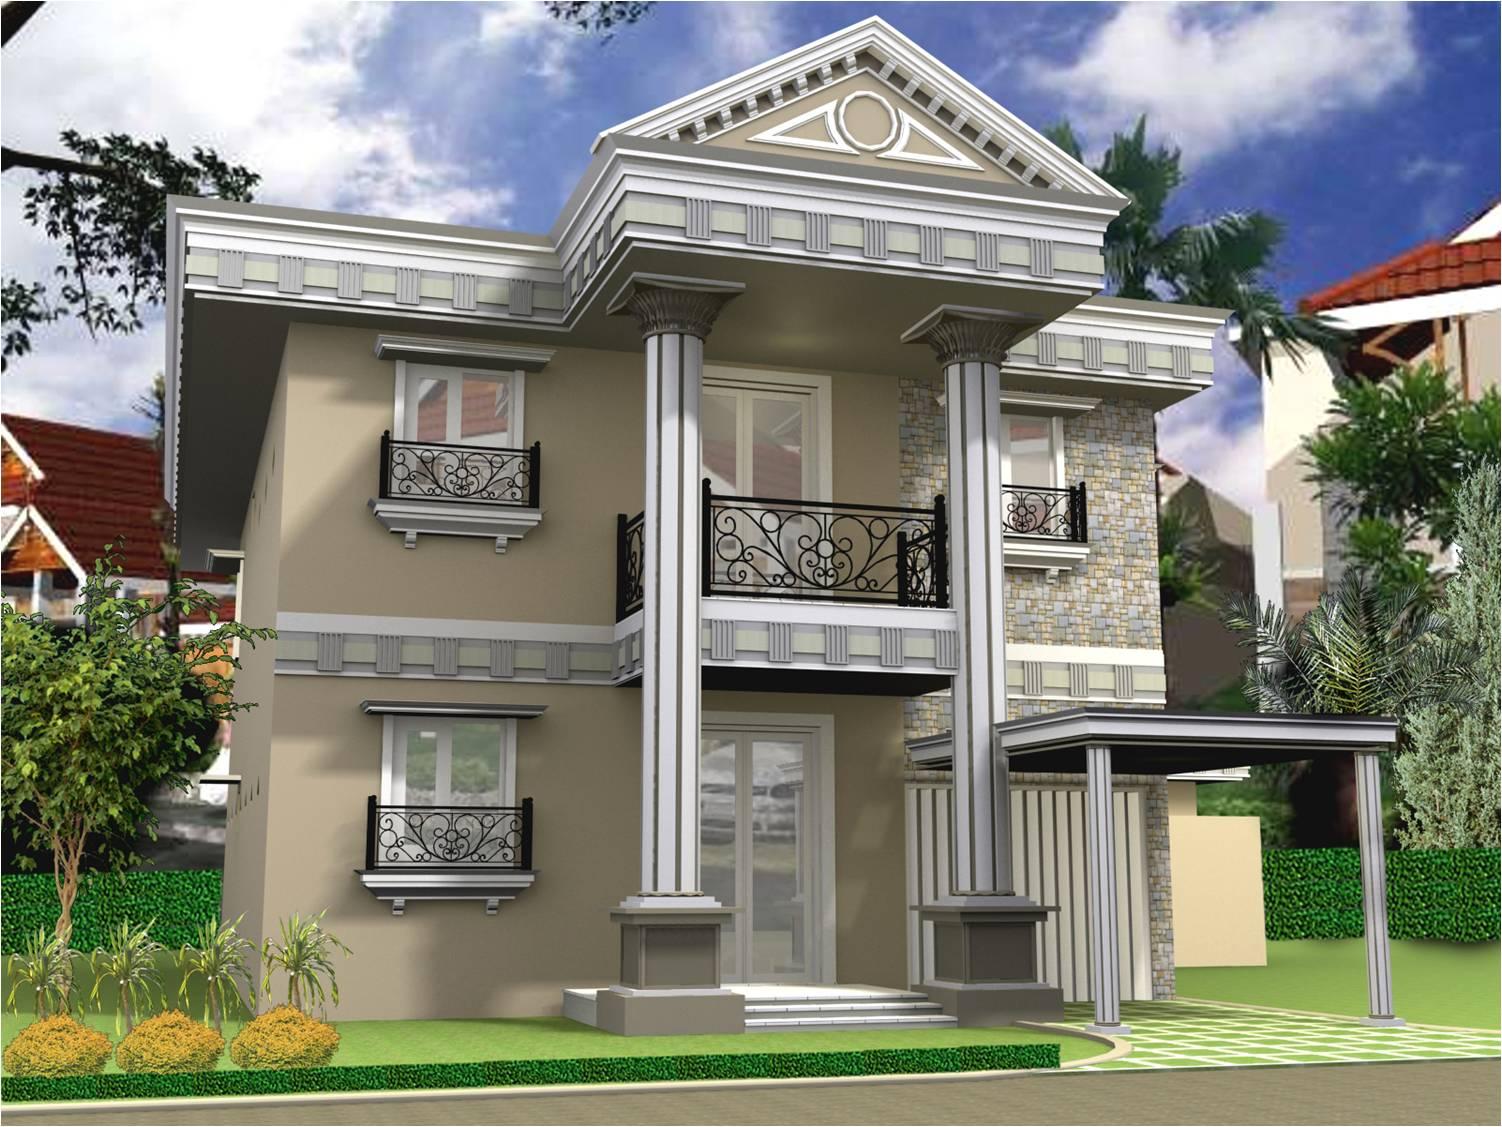 63 Desain Rumah Minimalis Modern Type 150 Desain Rumah